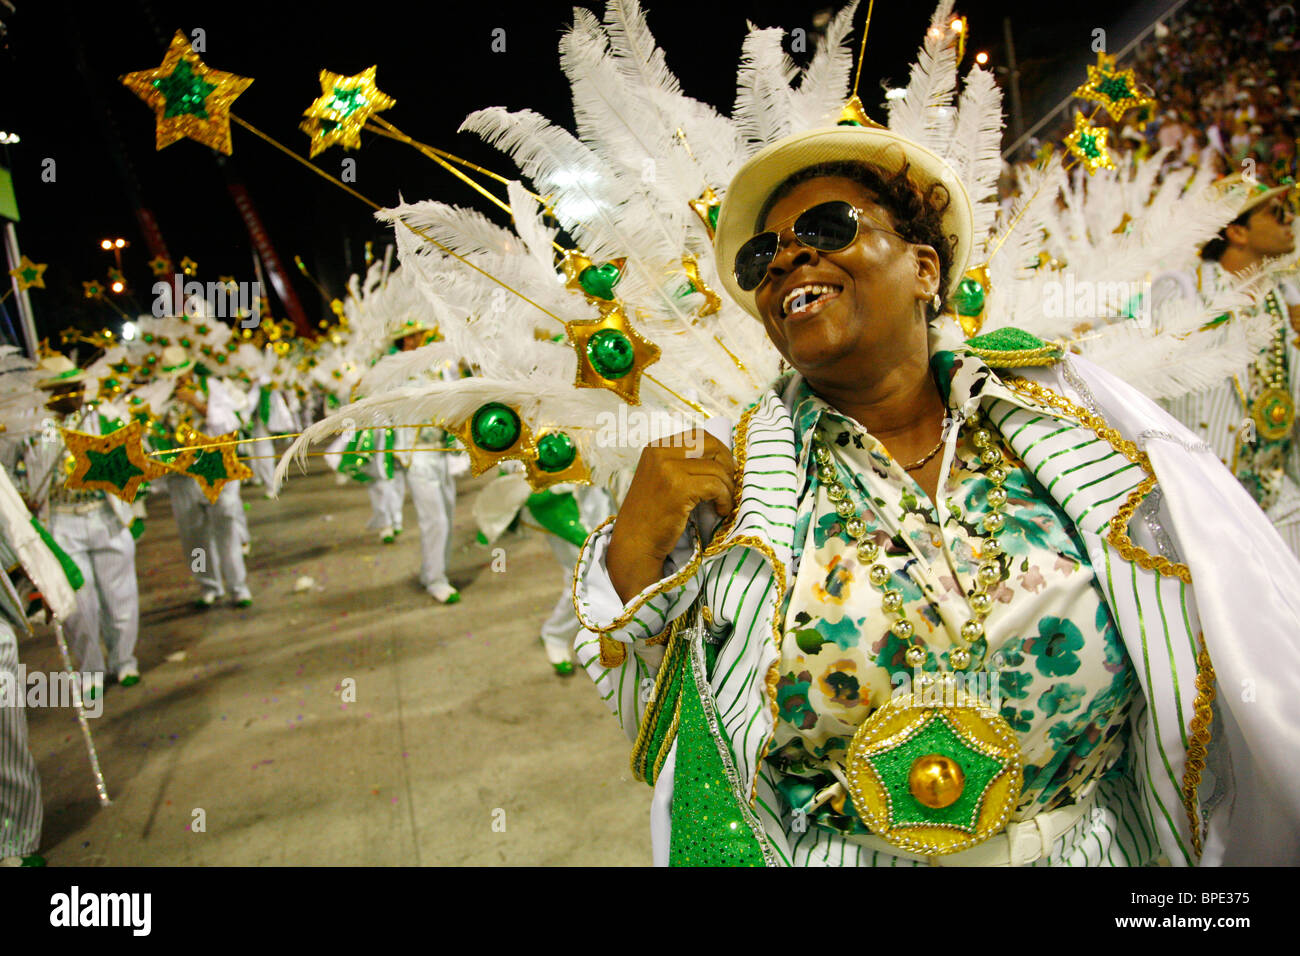 Sfilata di Carnevale al Sambodrome, Rio de Janeiro, Brasile. Immagini Stock